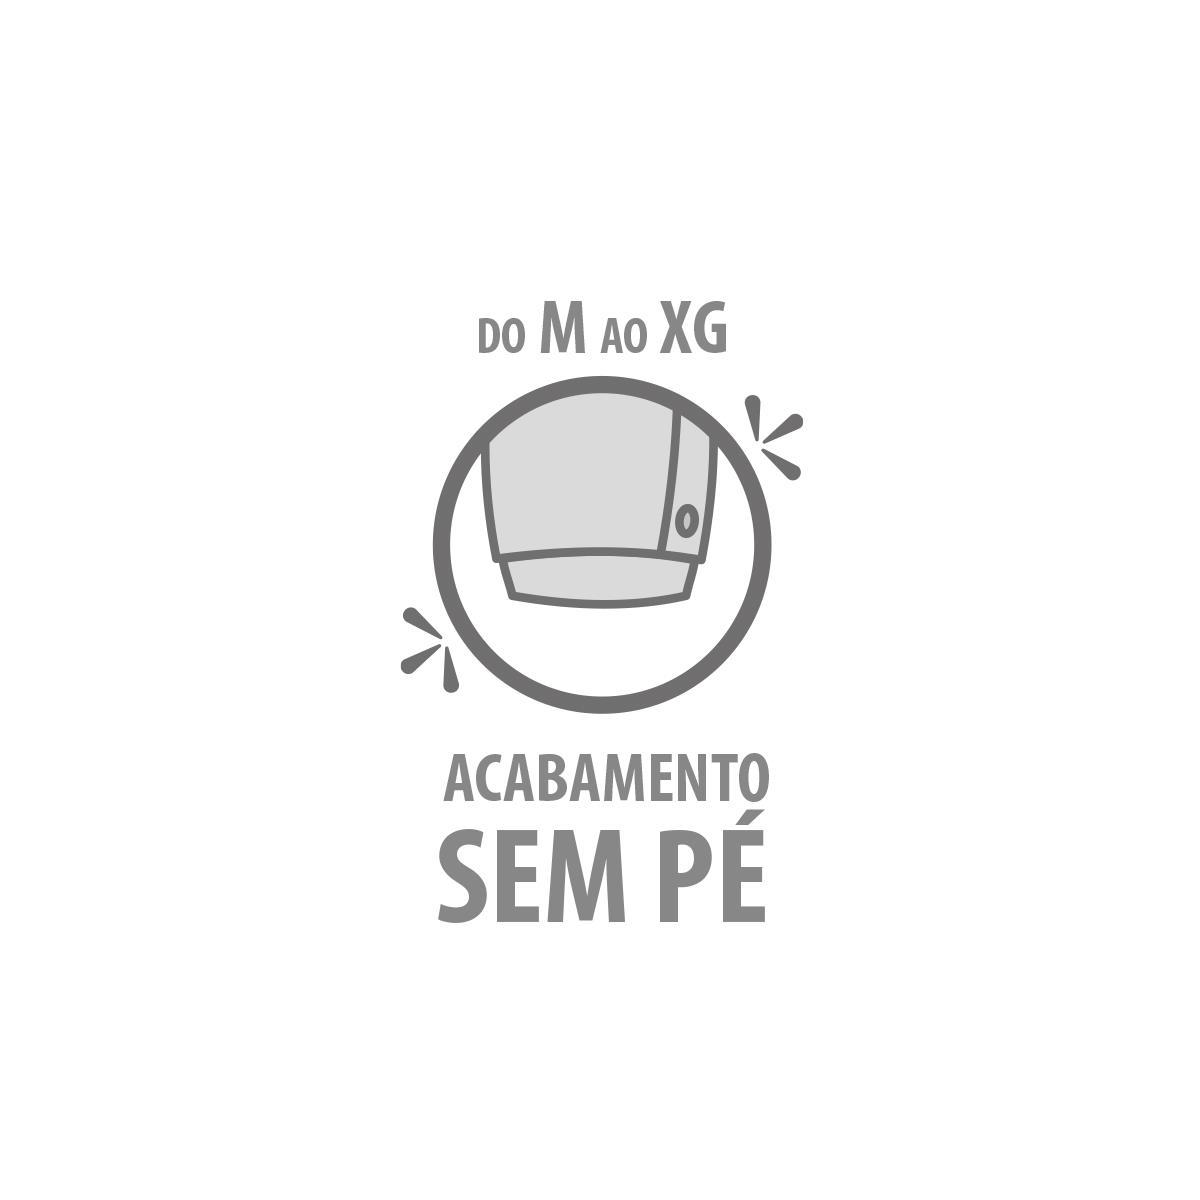 Macacão Soft Bichinhos Off - Tamanhos RN e P com pezinho; M ao XG sem pezinho  - Piu Blu